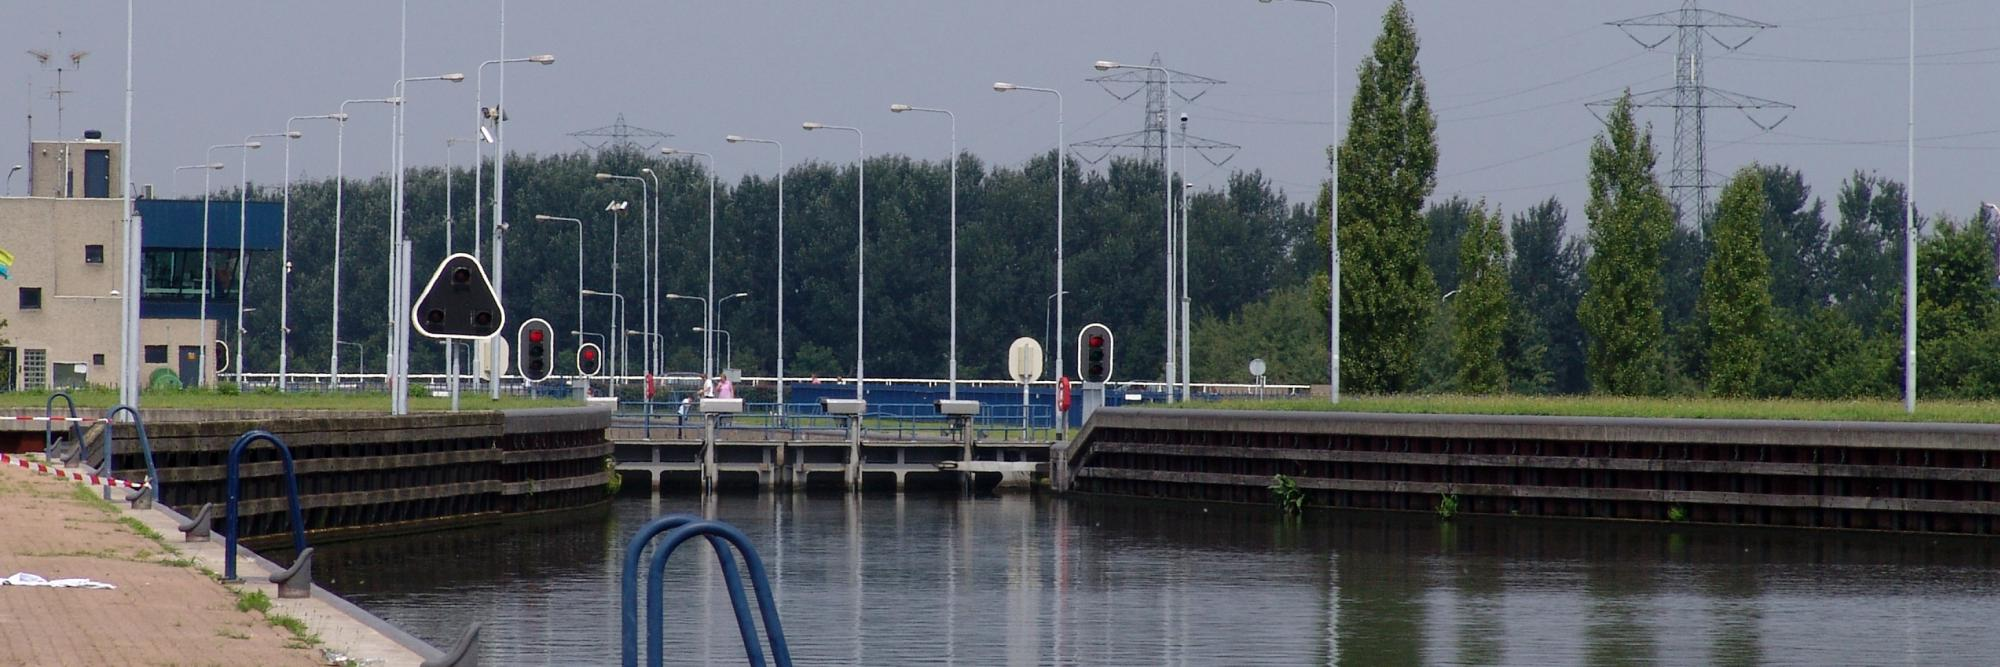 De werkzaamheden aan de sluis in Helmond worden uitgesteld. (Foto Binnenvaart in Beeld)